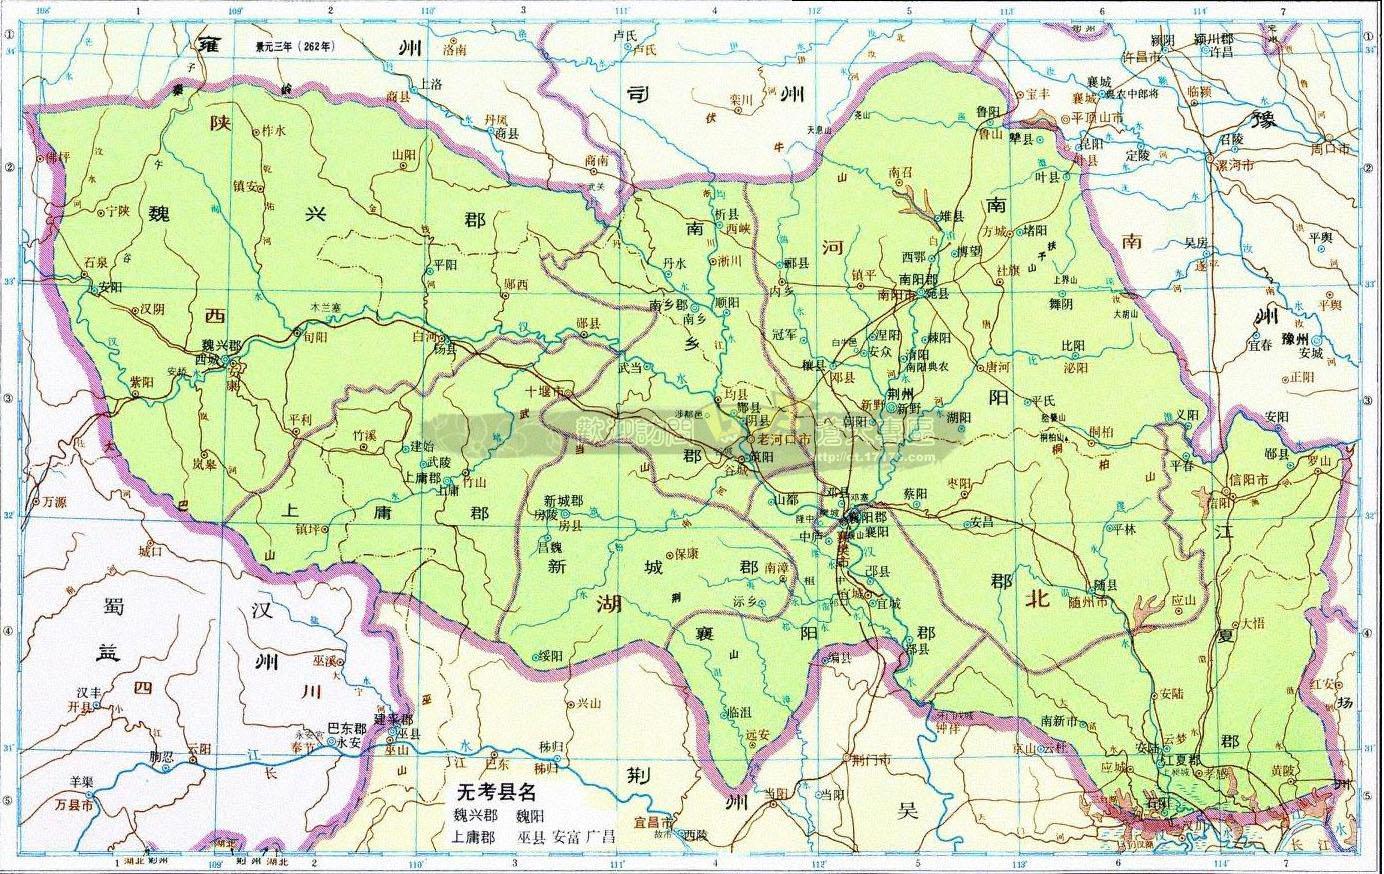 合肥区域划分地图